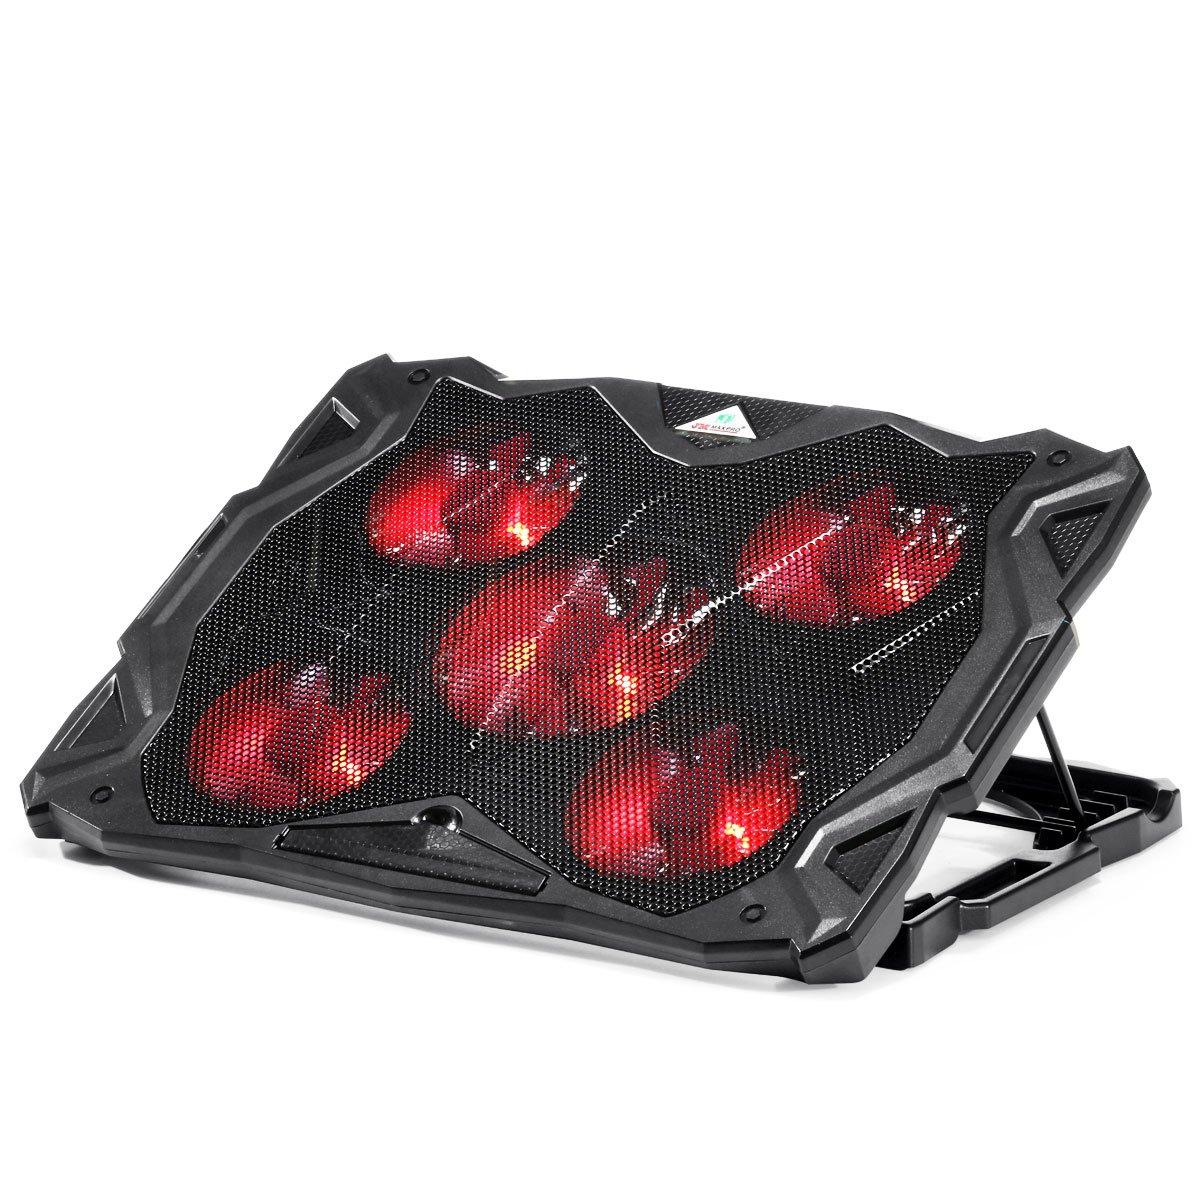 ノートパソコンクーラースタンドwith 5超静かなファン、LEDライトjmmaxpro 5角度と風速度調節可能冷却パッドfor 14 – 17インチノートパソコン   B071FQ4J5M